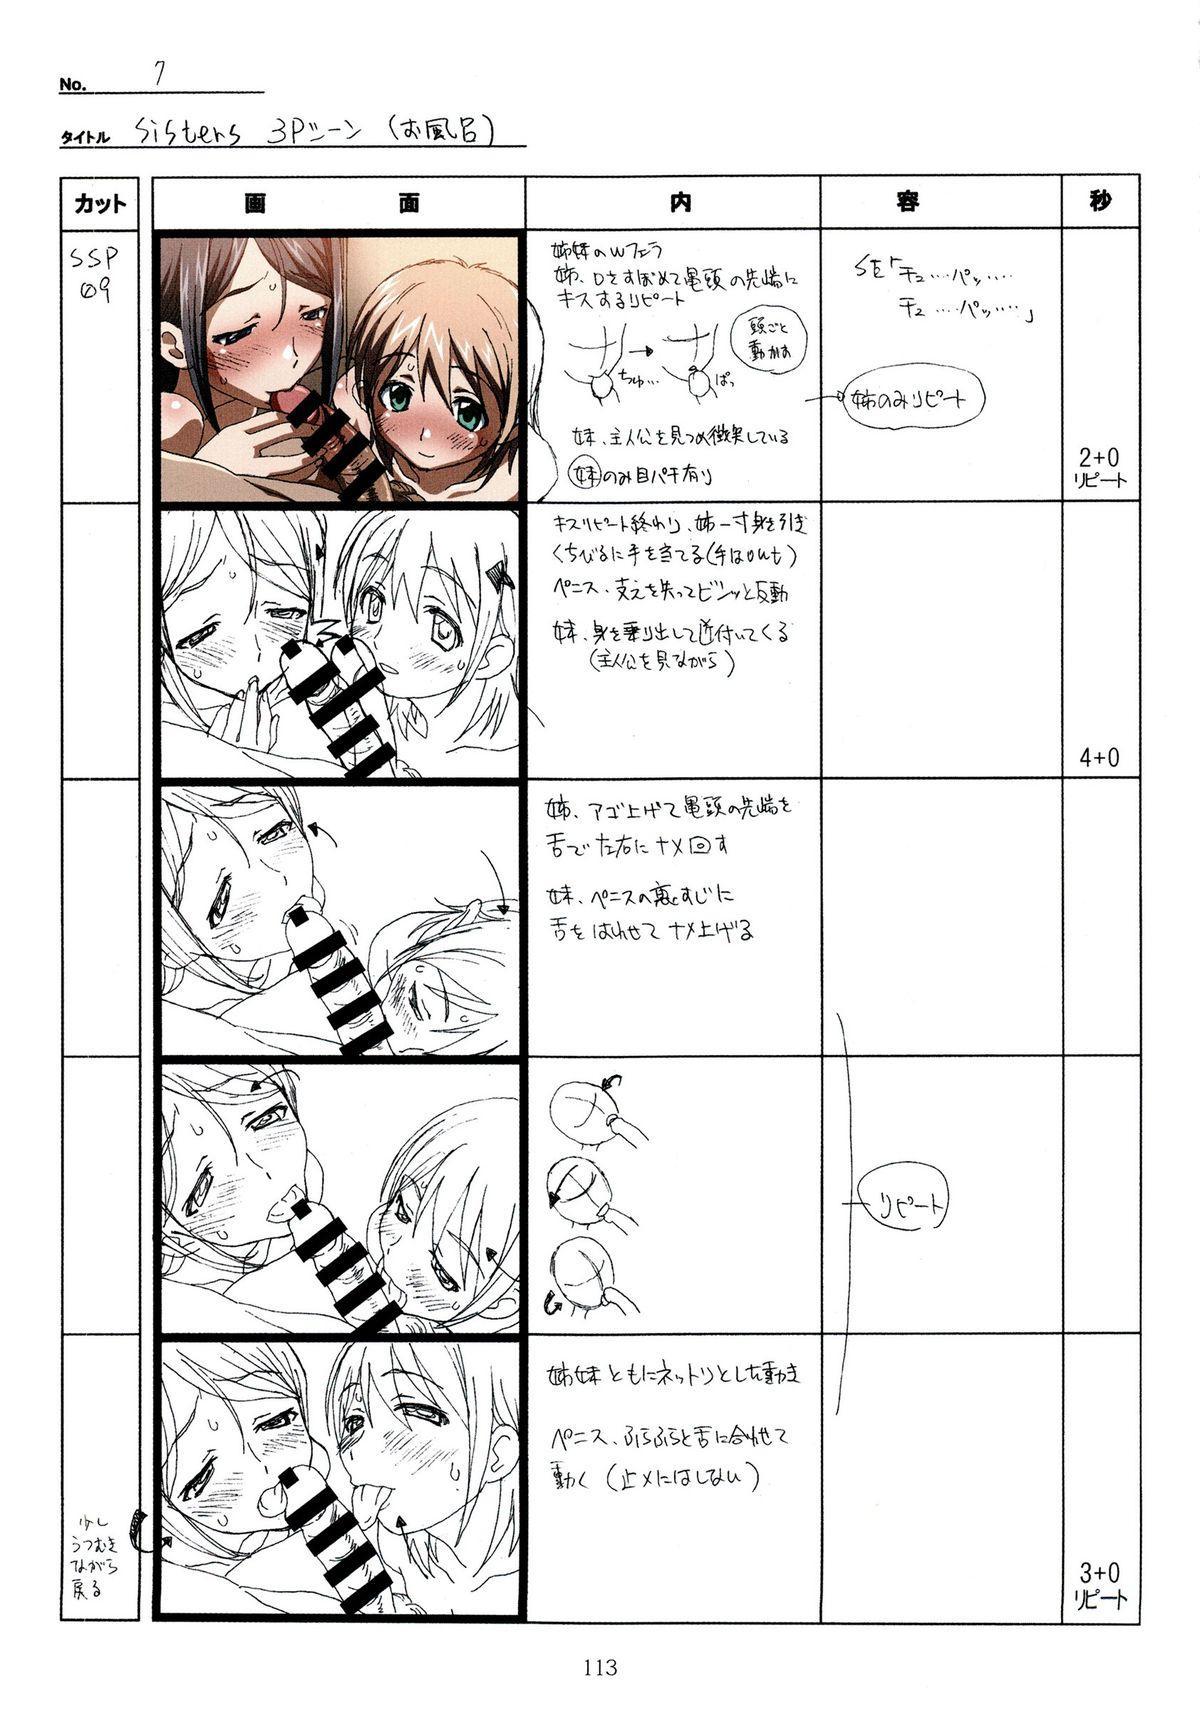 (C89) [Makino Jimusho (Taki Minashika)] SISTERS -Natsu no Saigo no Hi- H Scene All Part Storyboard (SISTERS -Natsu no Saigo no Hi-) 112